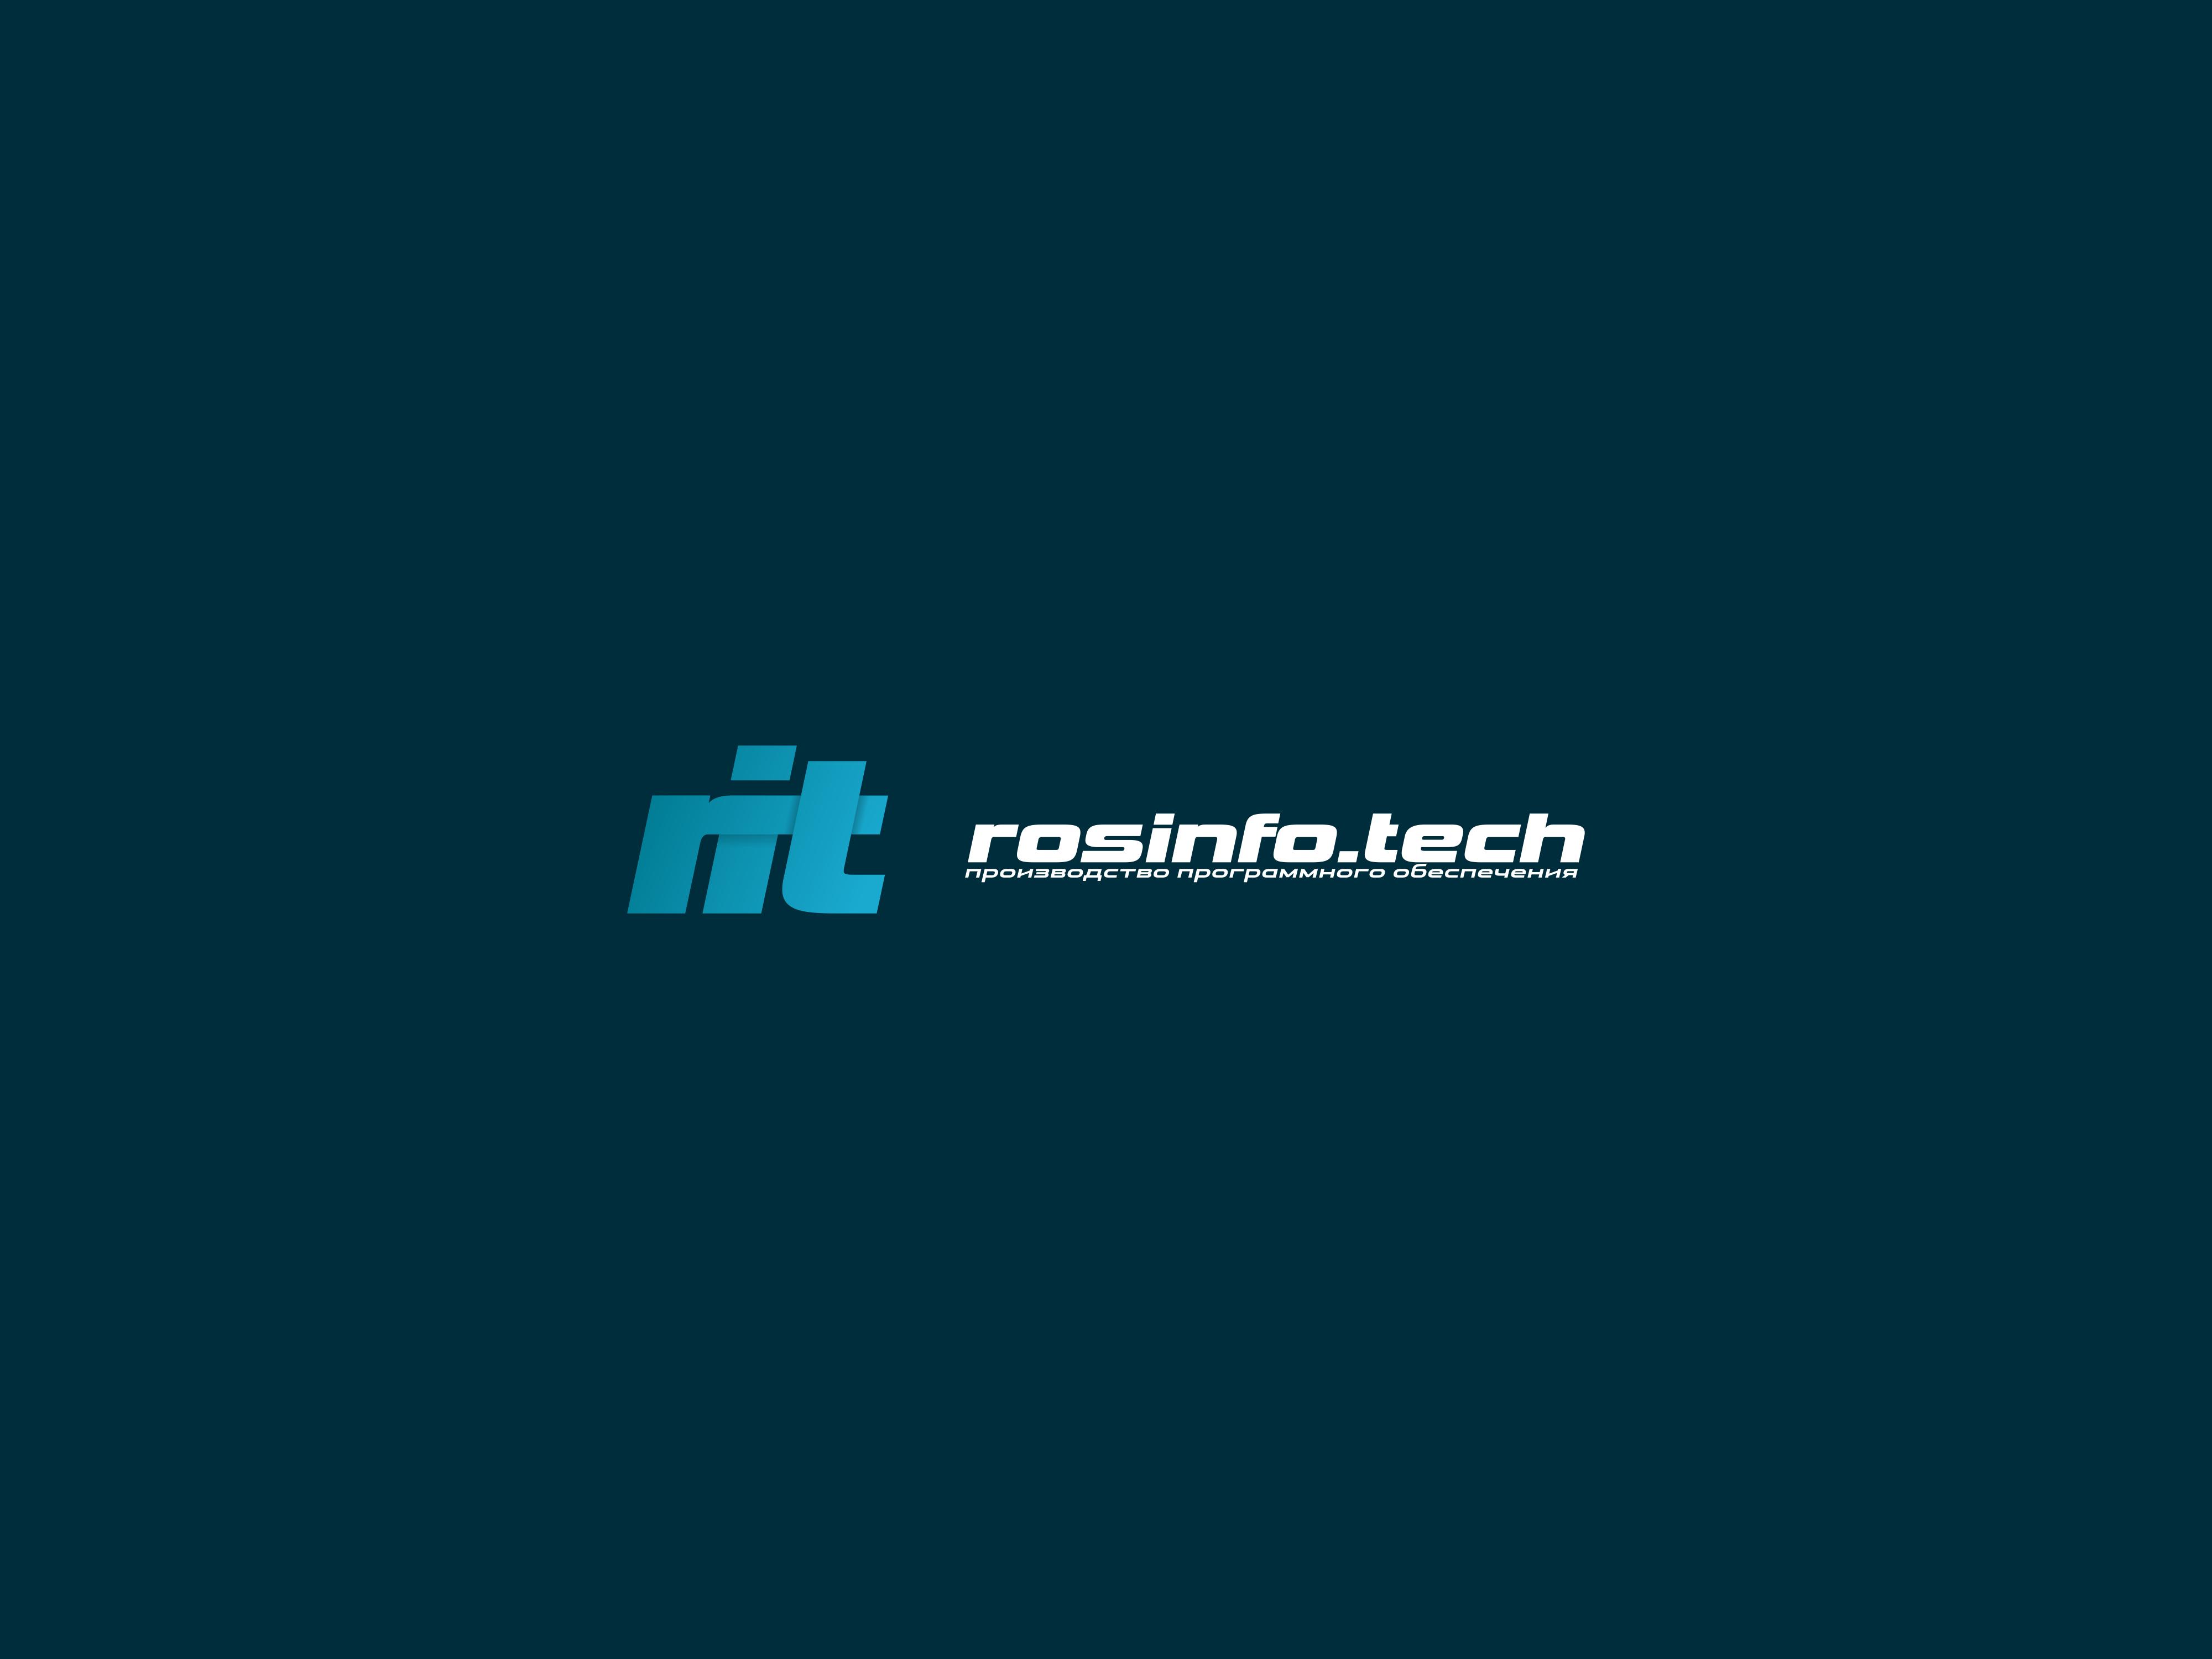 Разработка пакета айдентики rosinfo.tech фото f_1655e2b16cdd8a5d.png